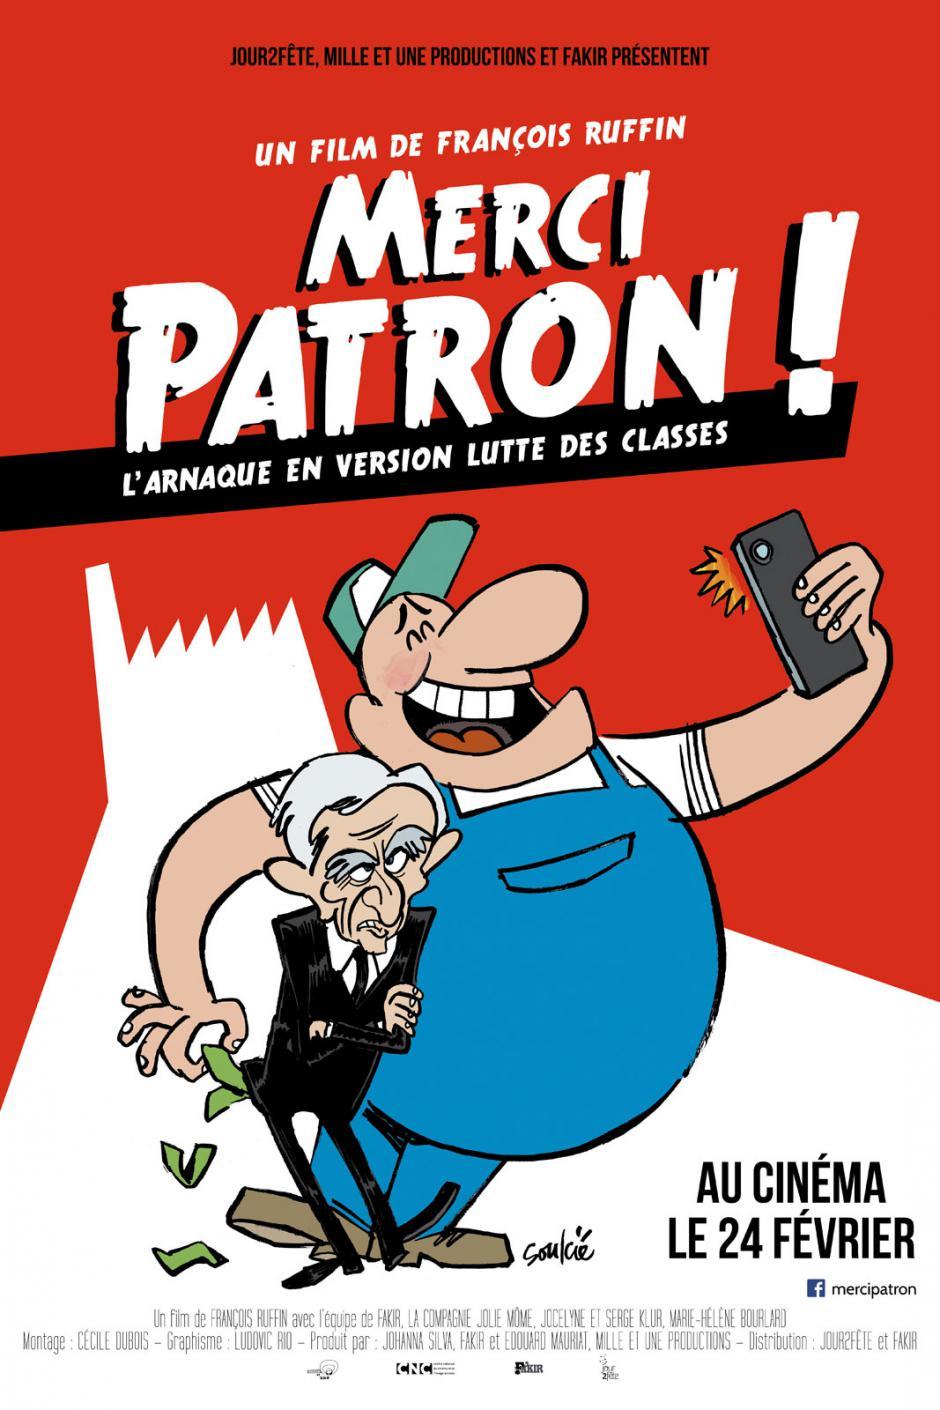 Lundi 20 juin  19 h:   Salle Wiener à Fleury Mérogis.